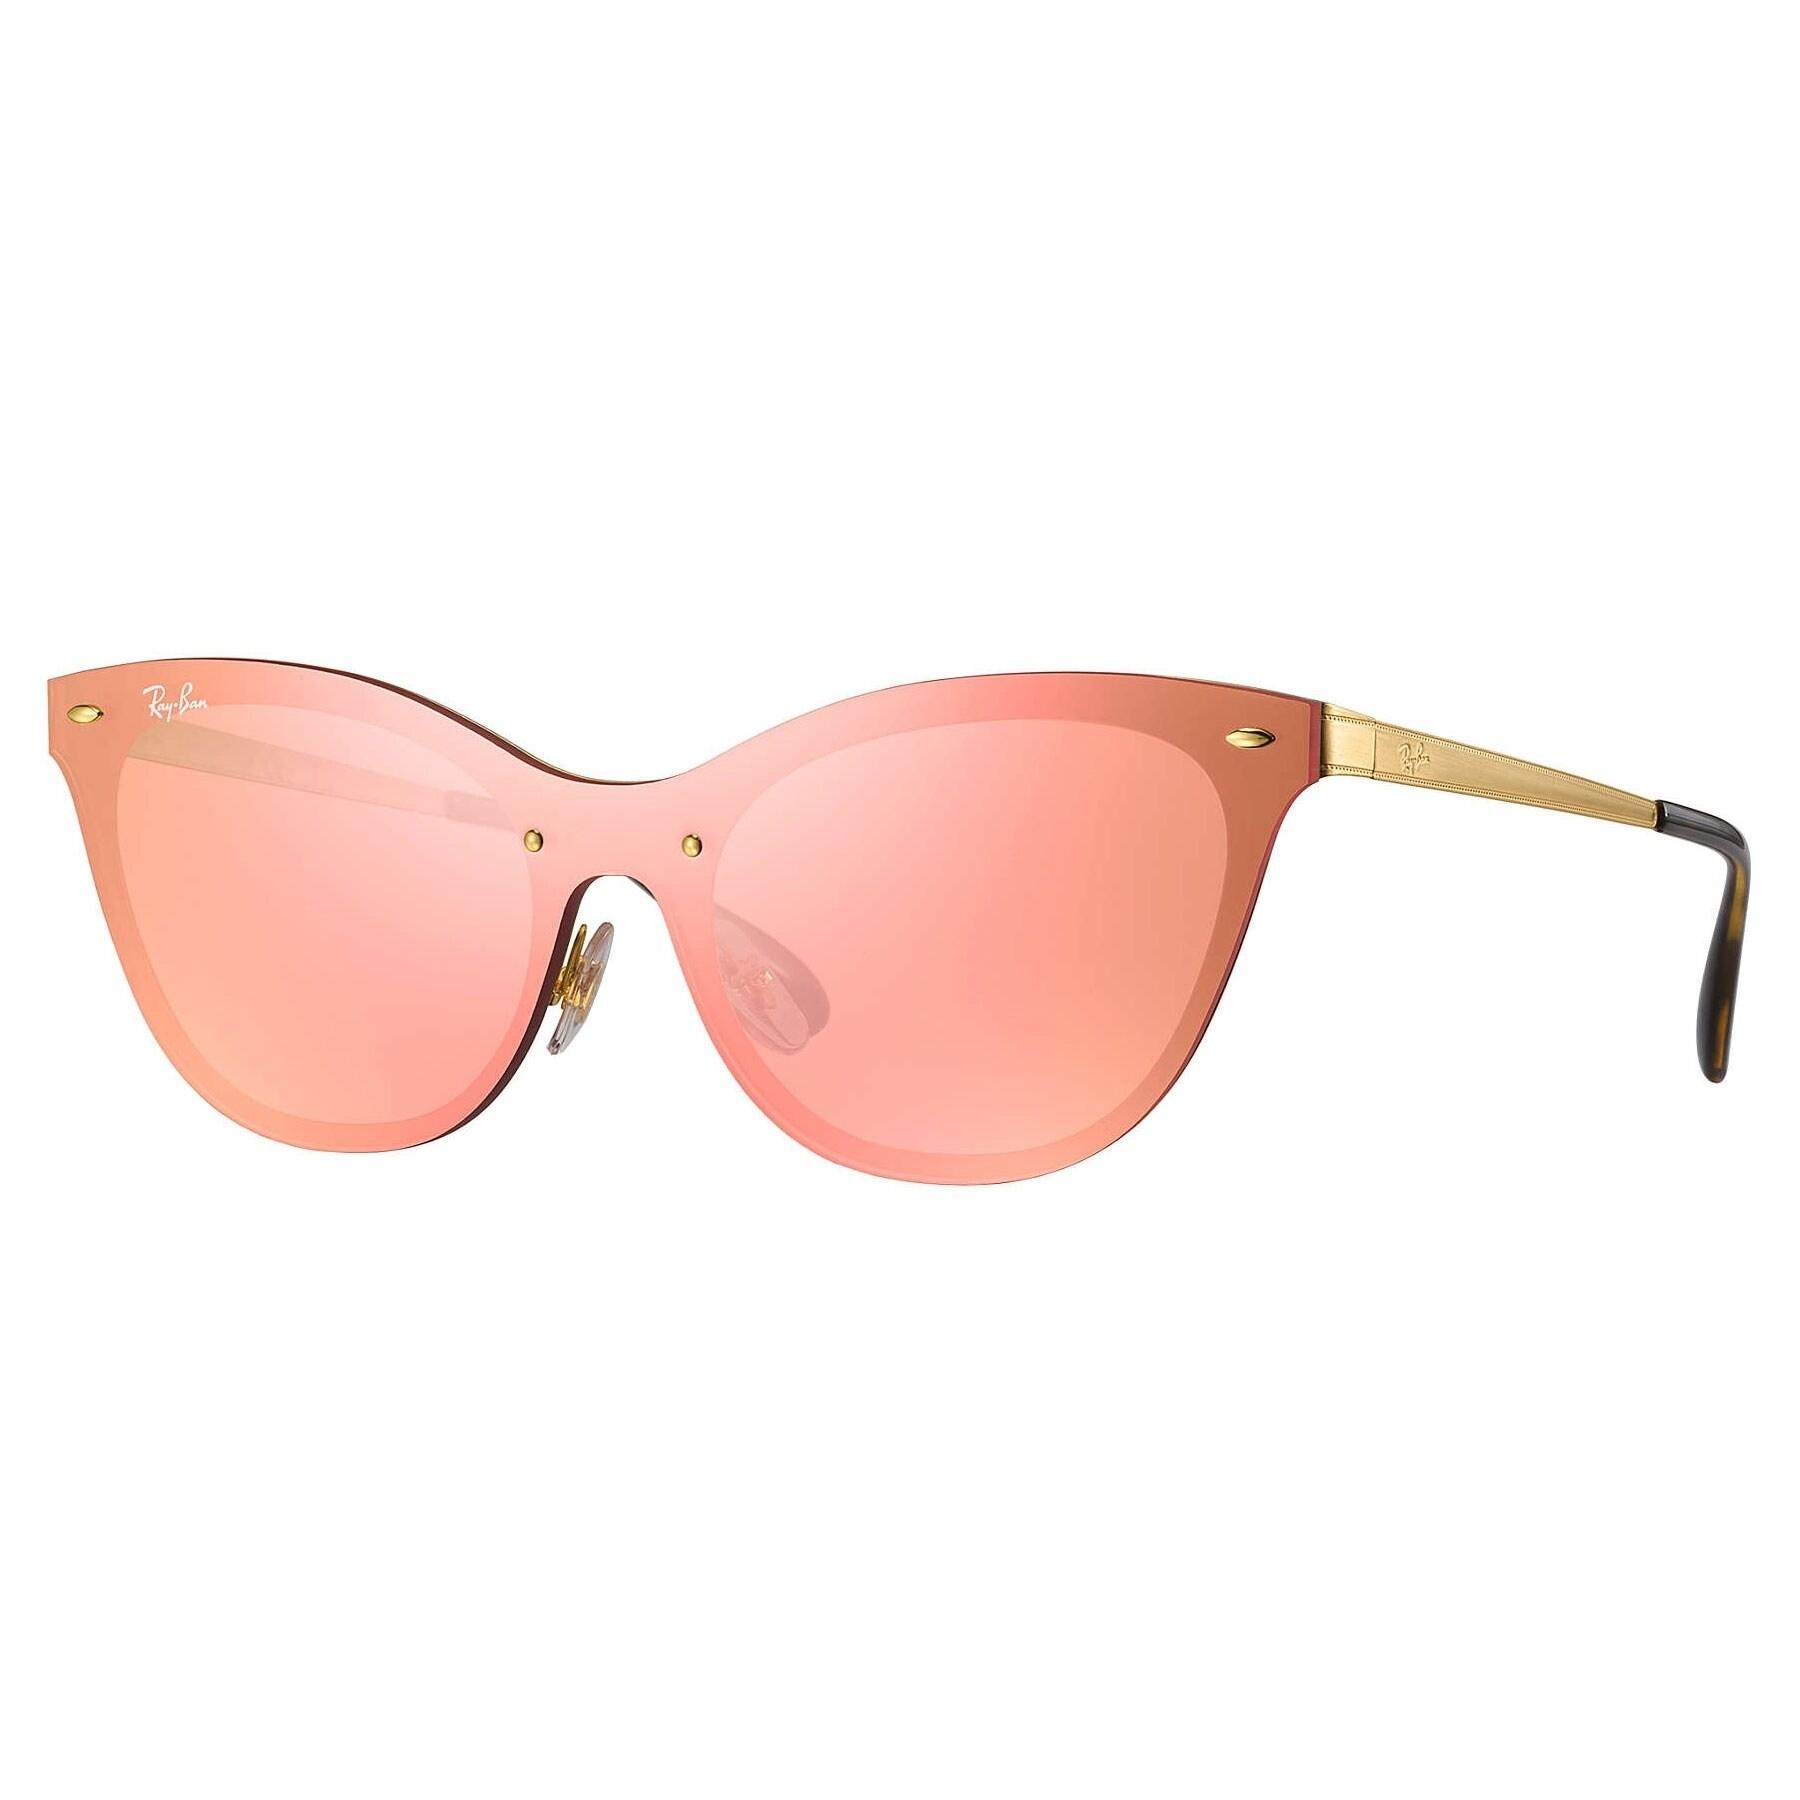 8e04a4ca111d Rue 21 Aviator Sunglasses « One More Soul